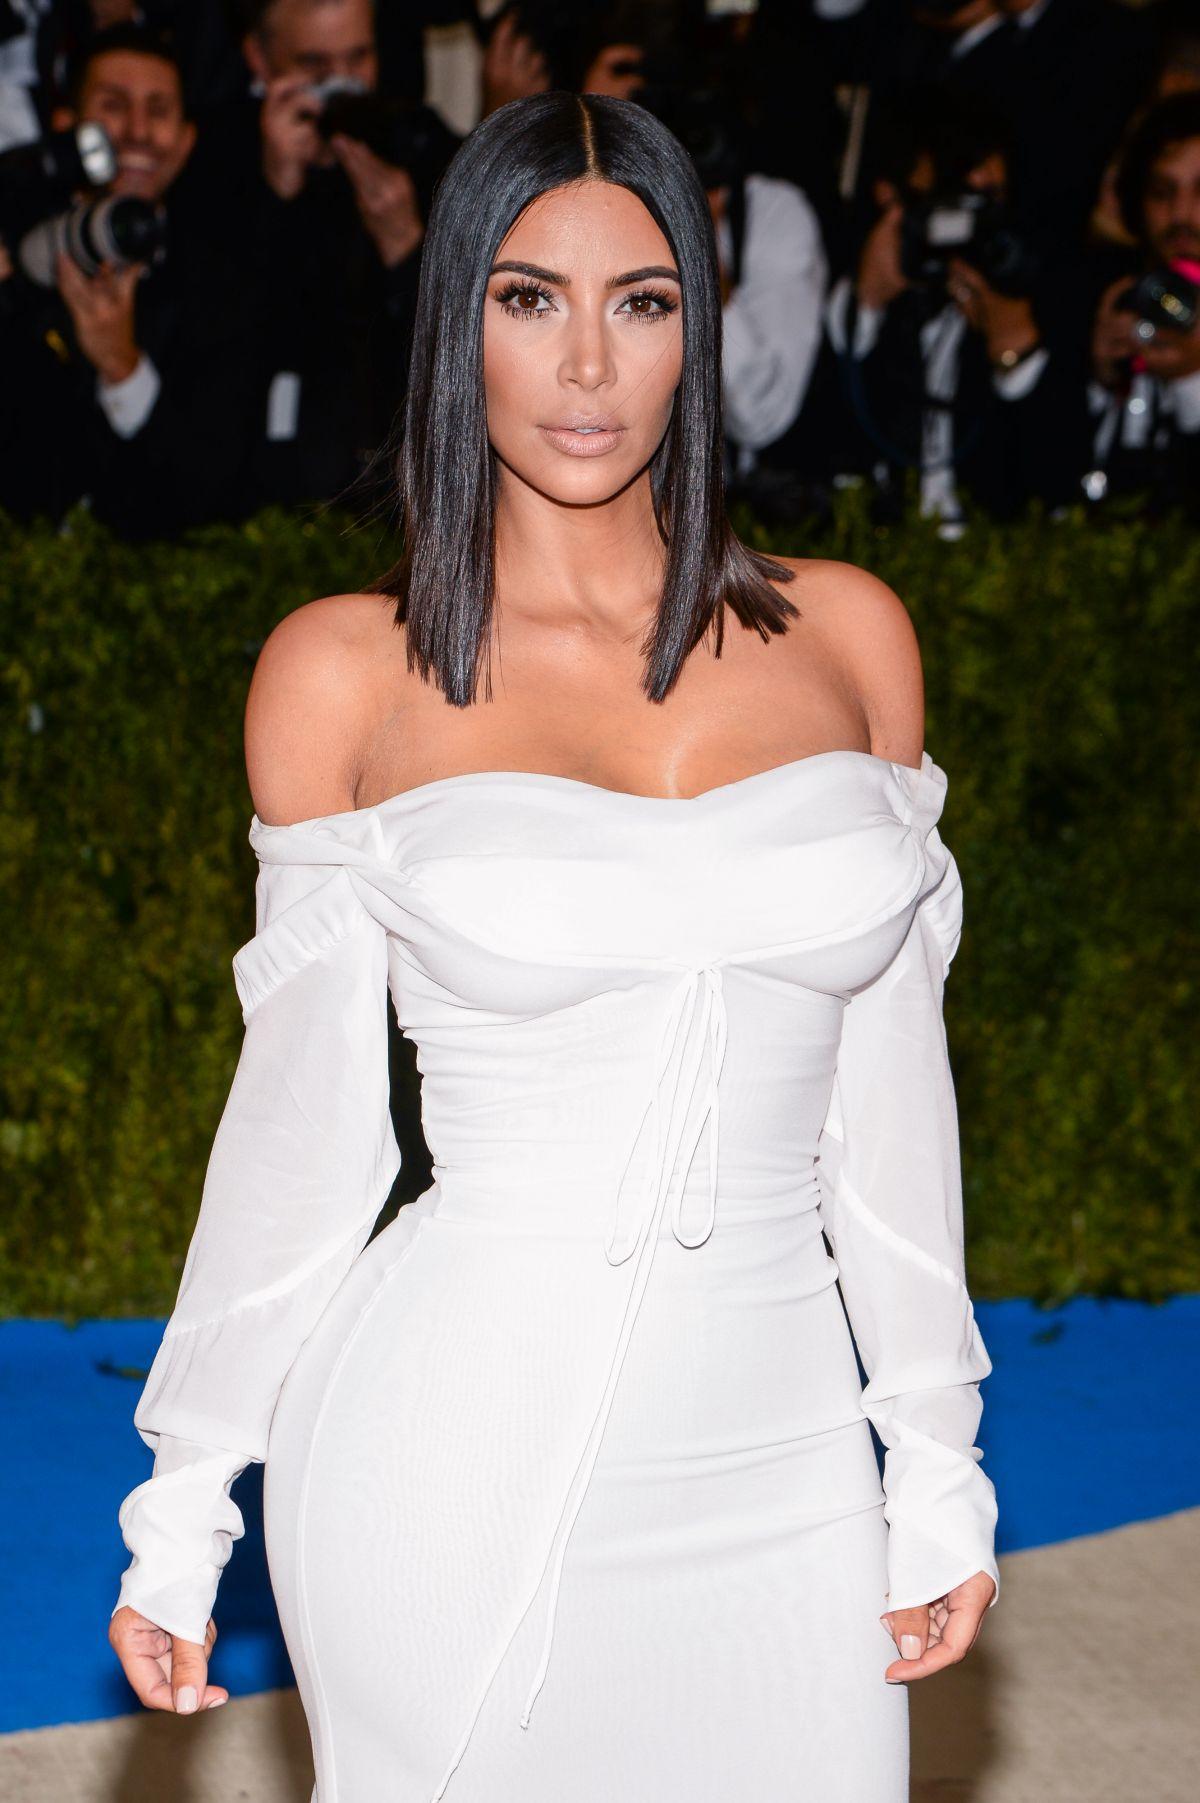 Kim Kardashian At 2017 Met Gala In New York 05 01 2017